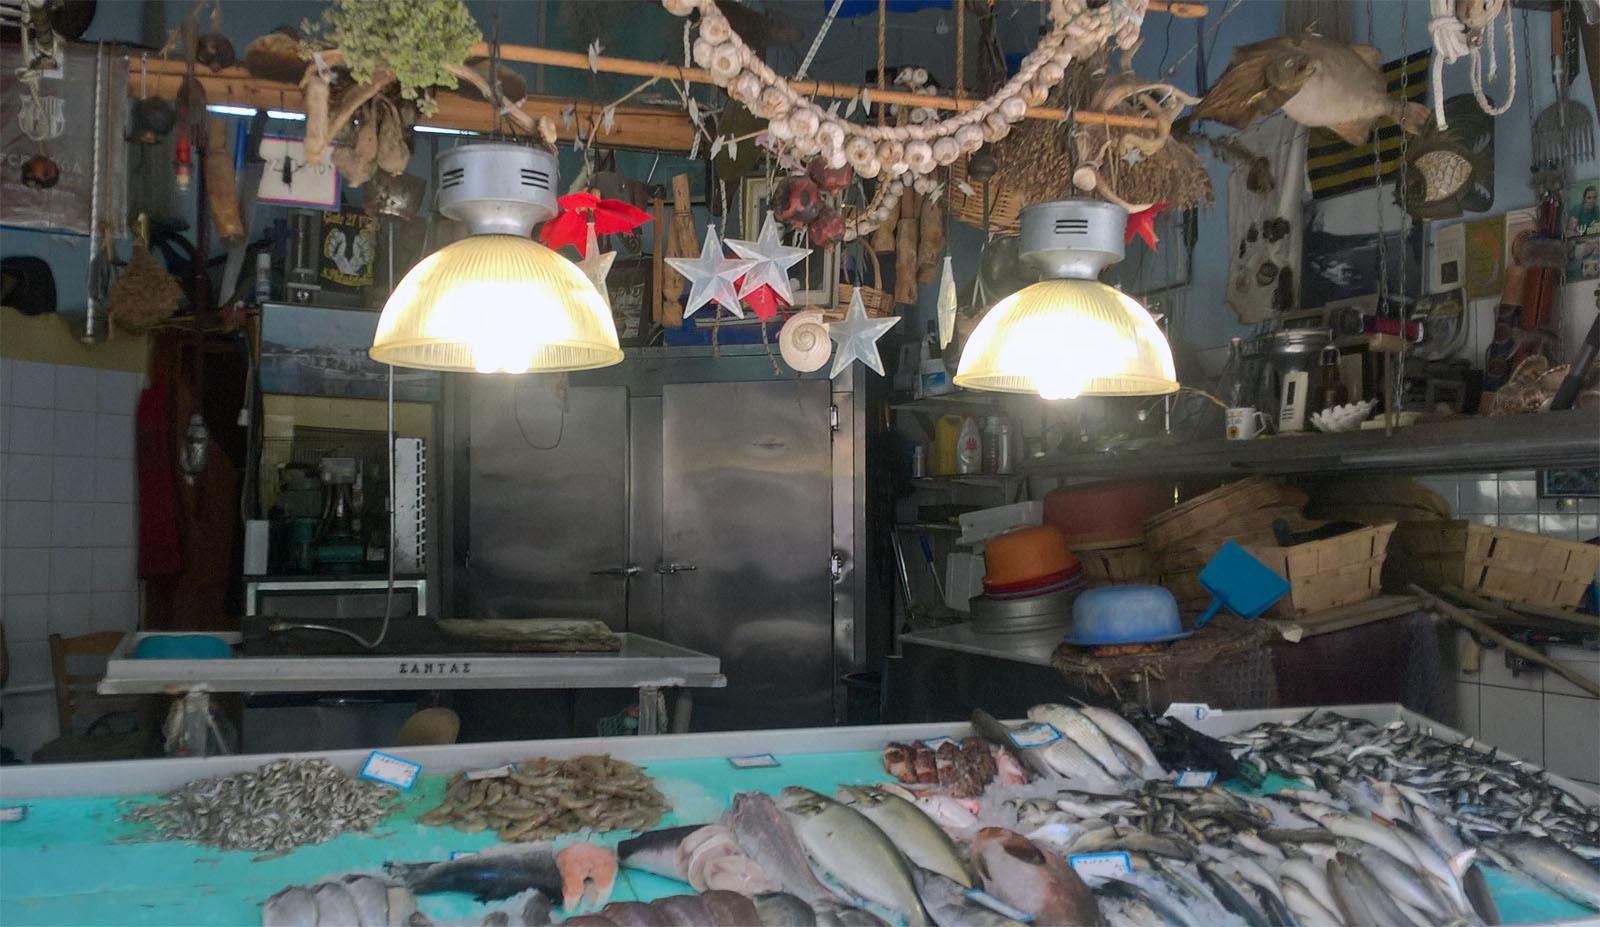 ceny w grecji ceny produktów w grecji